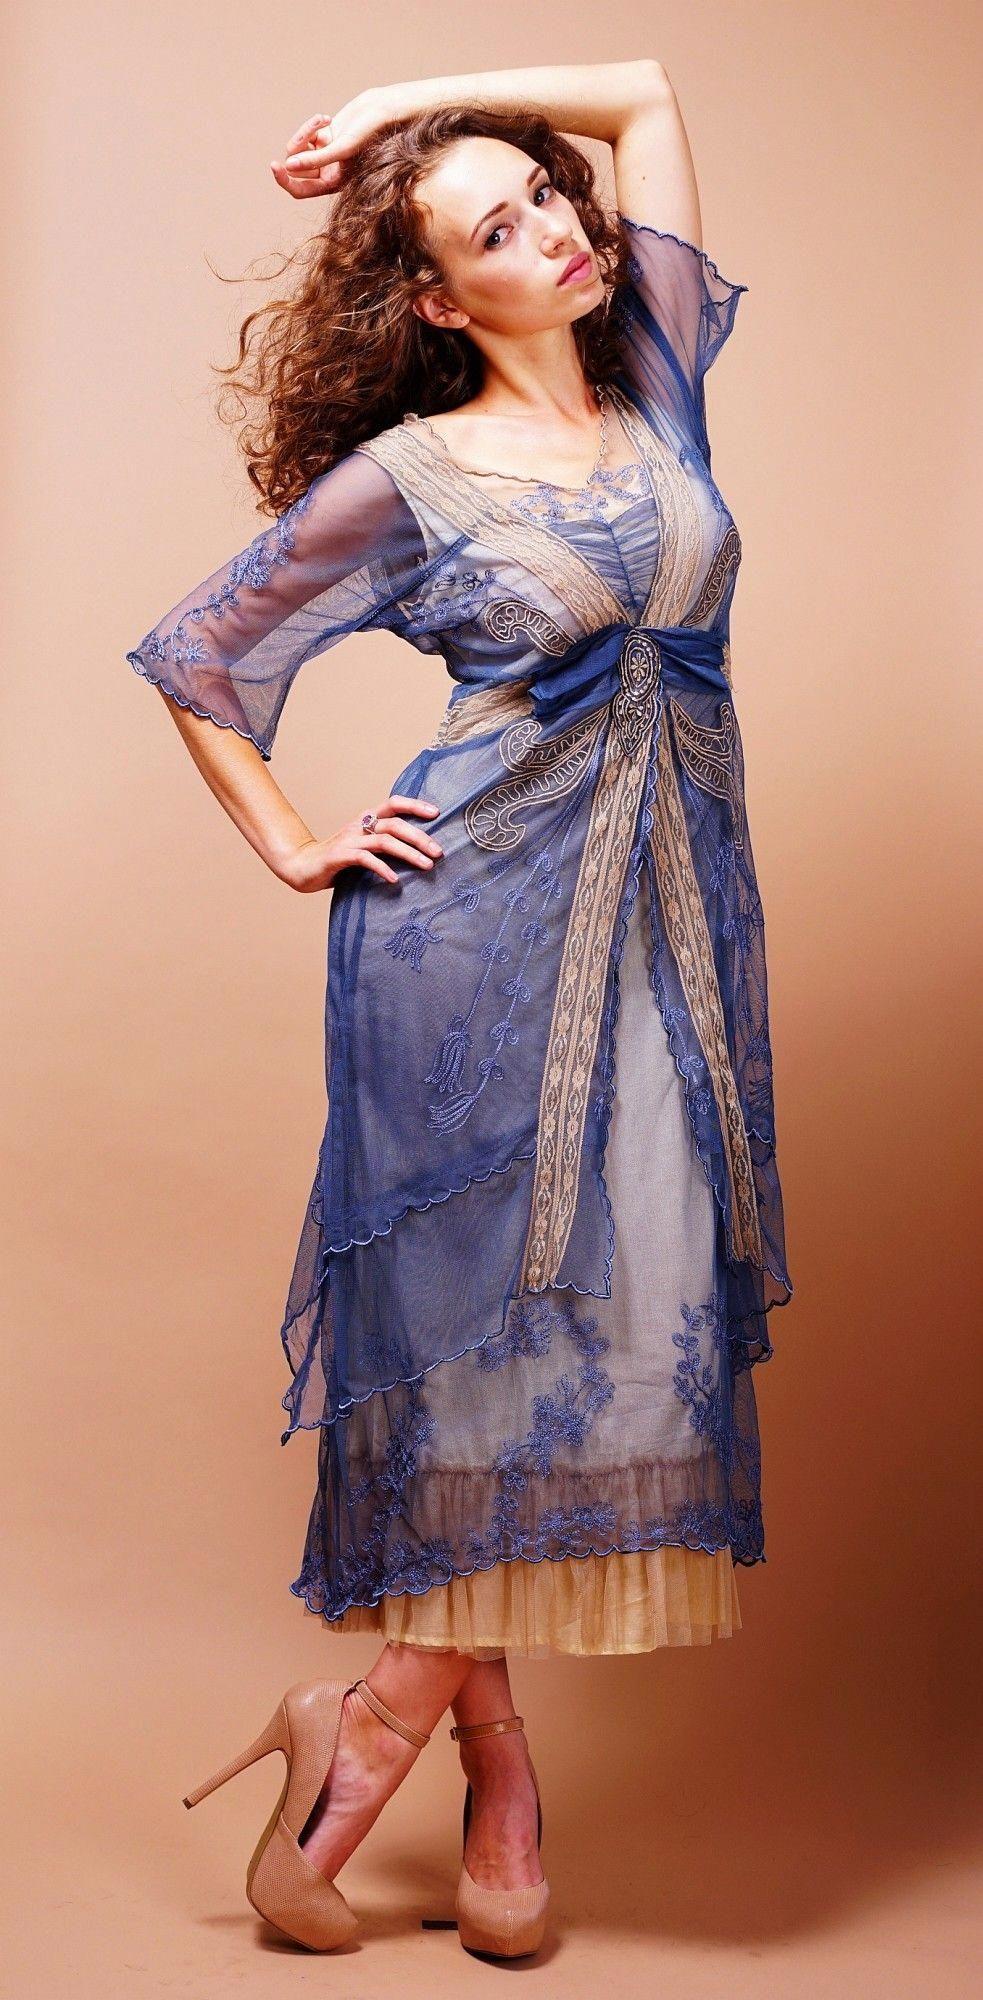 dc3a34dbbfa  wardrobeshop  vintage  vintagefashion  vintagestyle  1920s  1920sdress   nataya  wedding  downtonabbey  WomenClothingWholesale